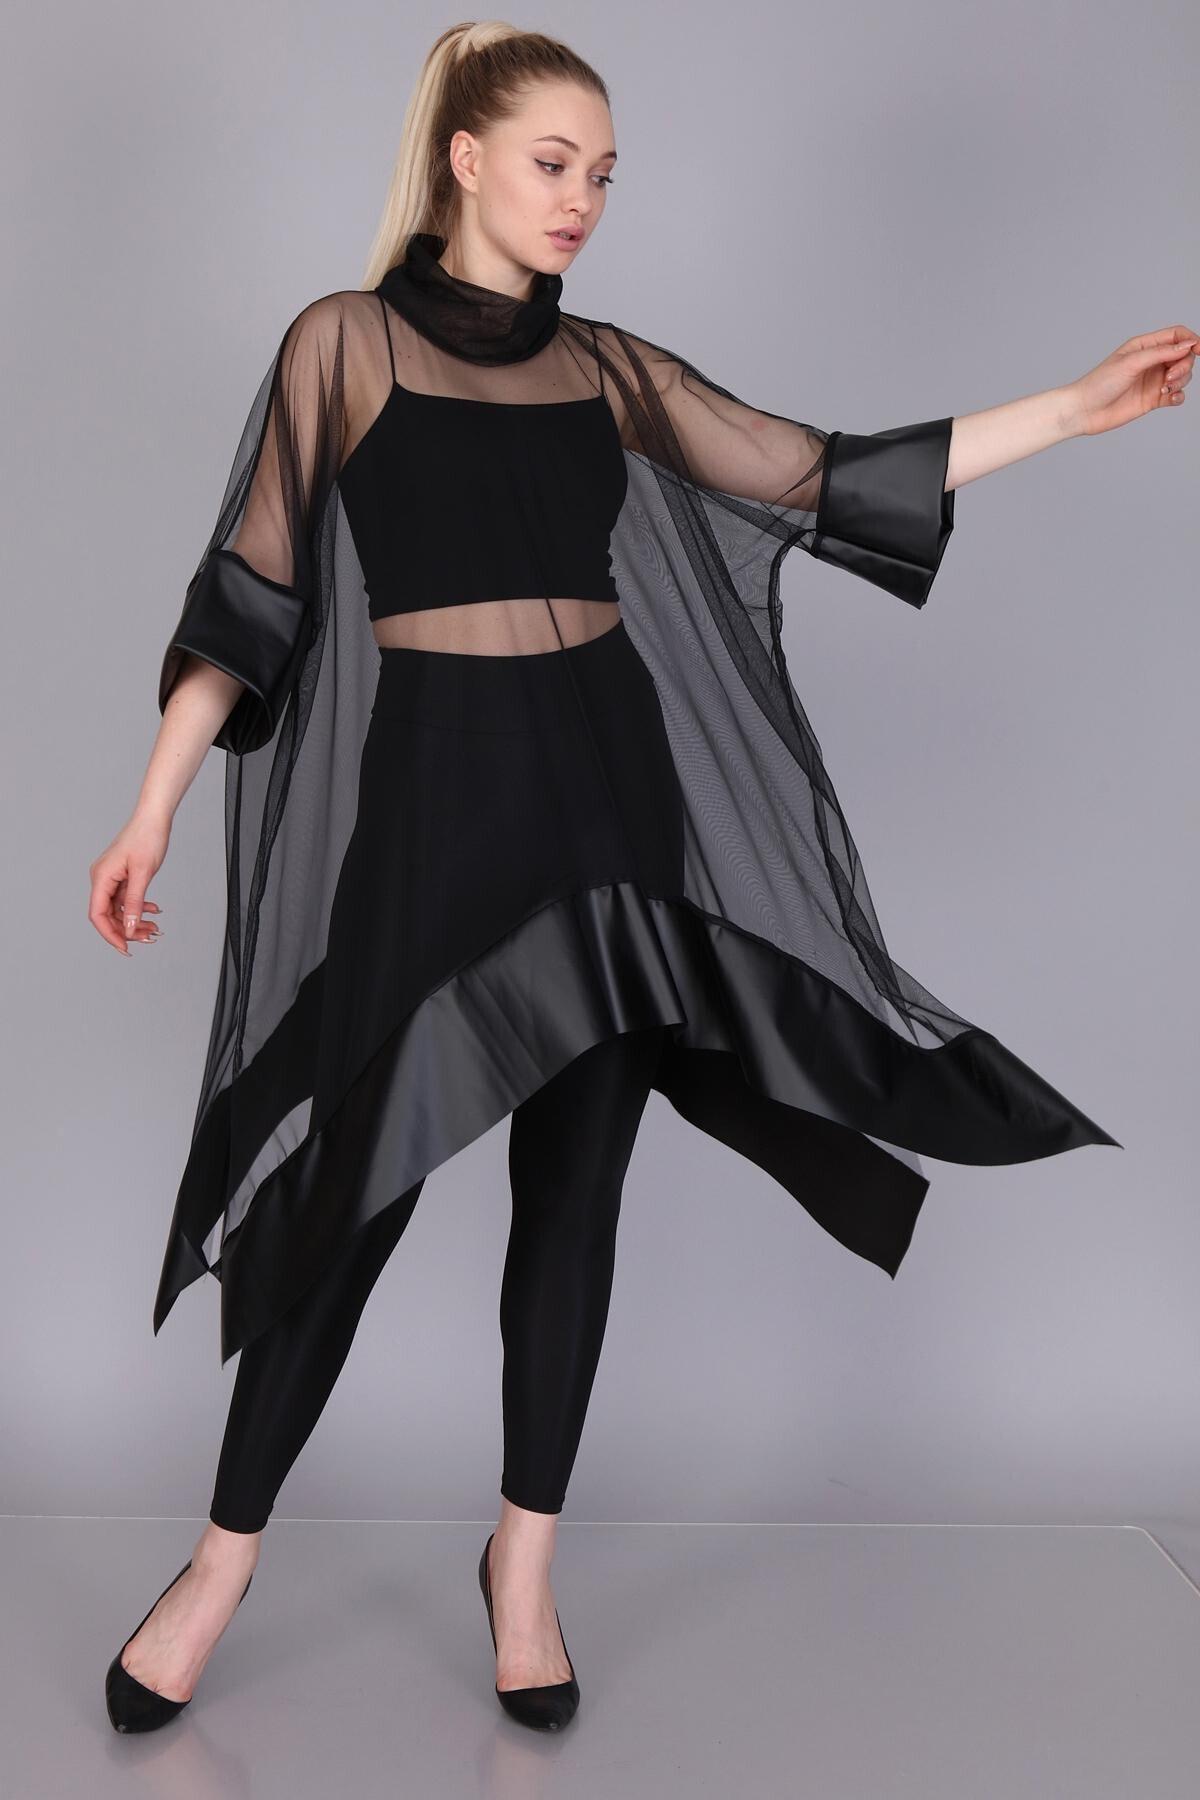 Mi&So Kadın Siyah Tül Derili Bluz M&S5101Pnç 0